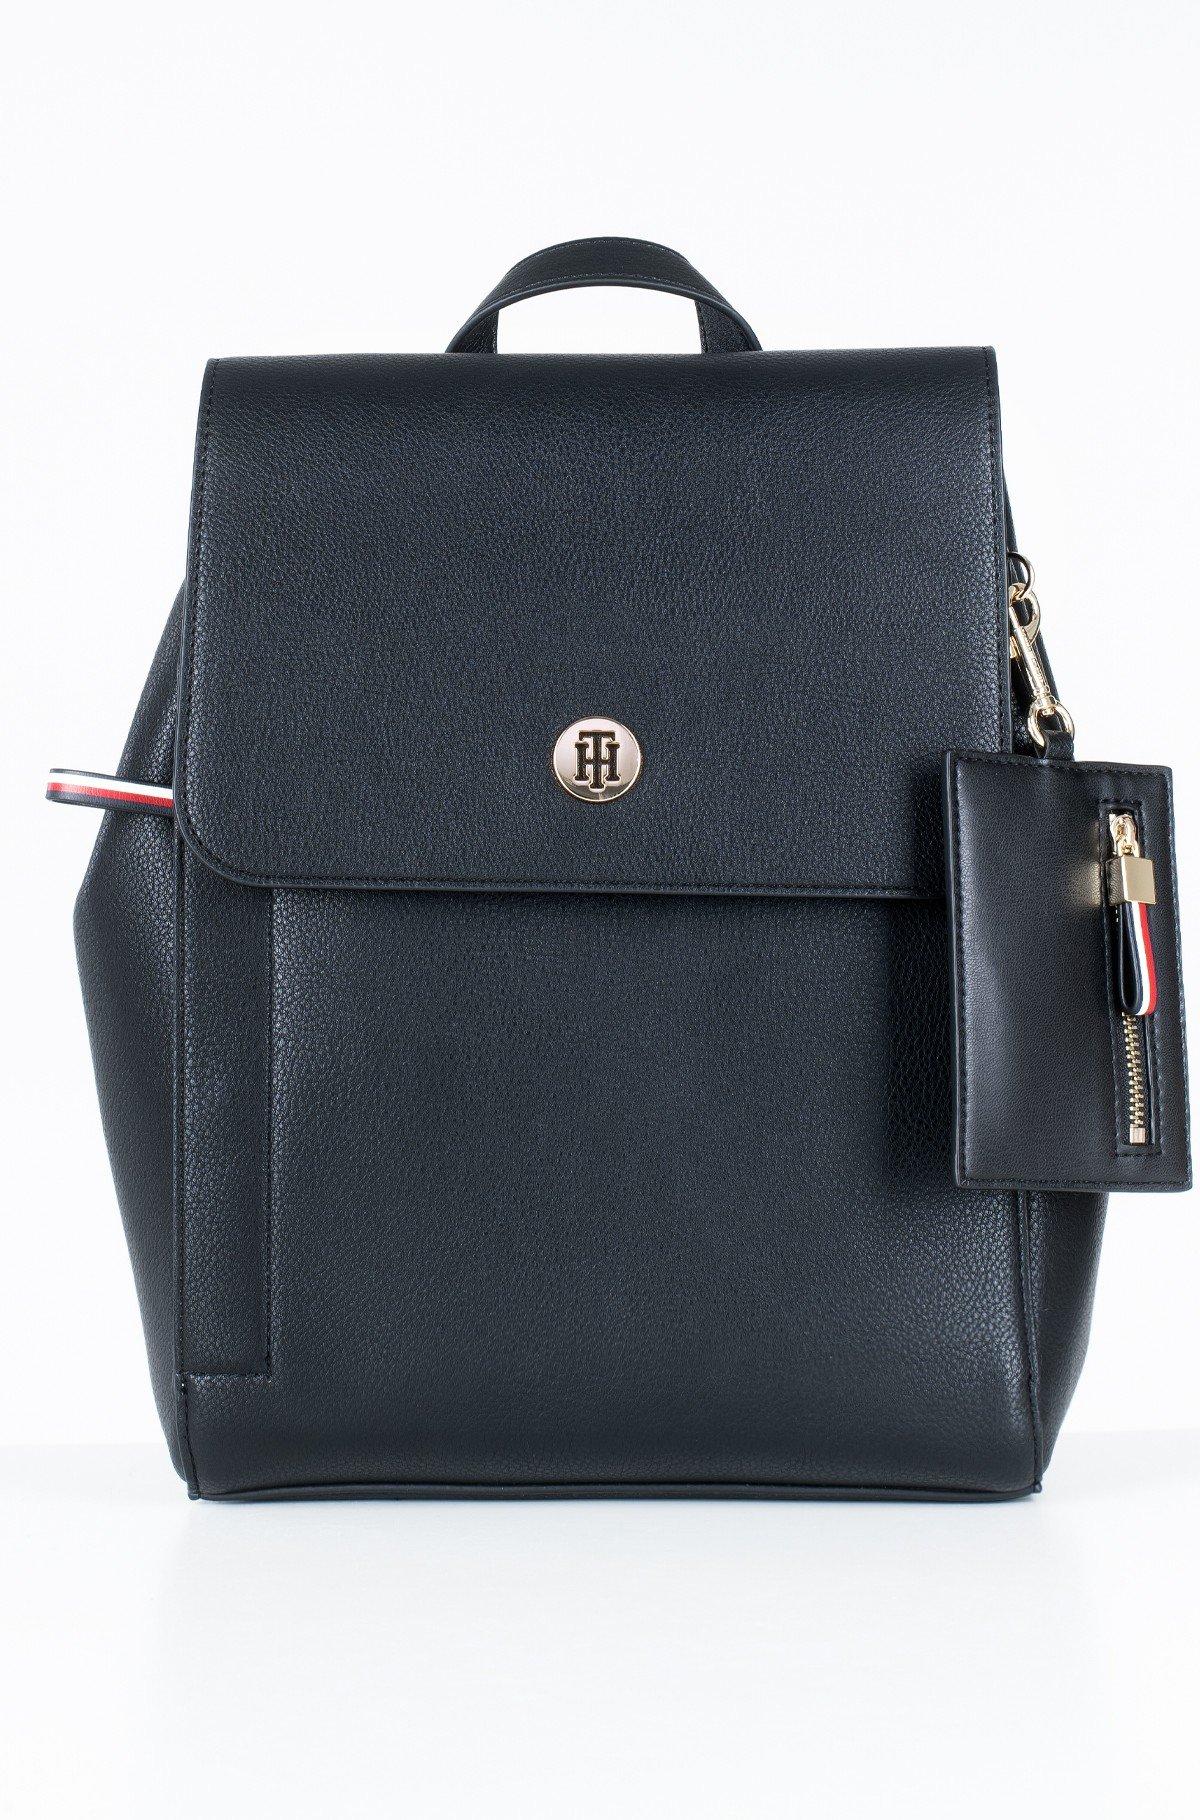 Backbag CHARMING TOMMY BACKPACK-full-1